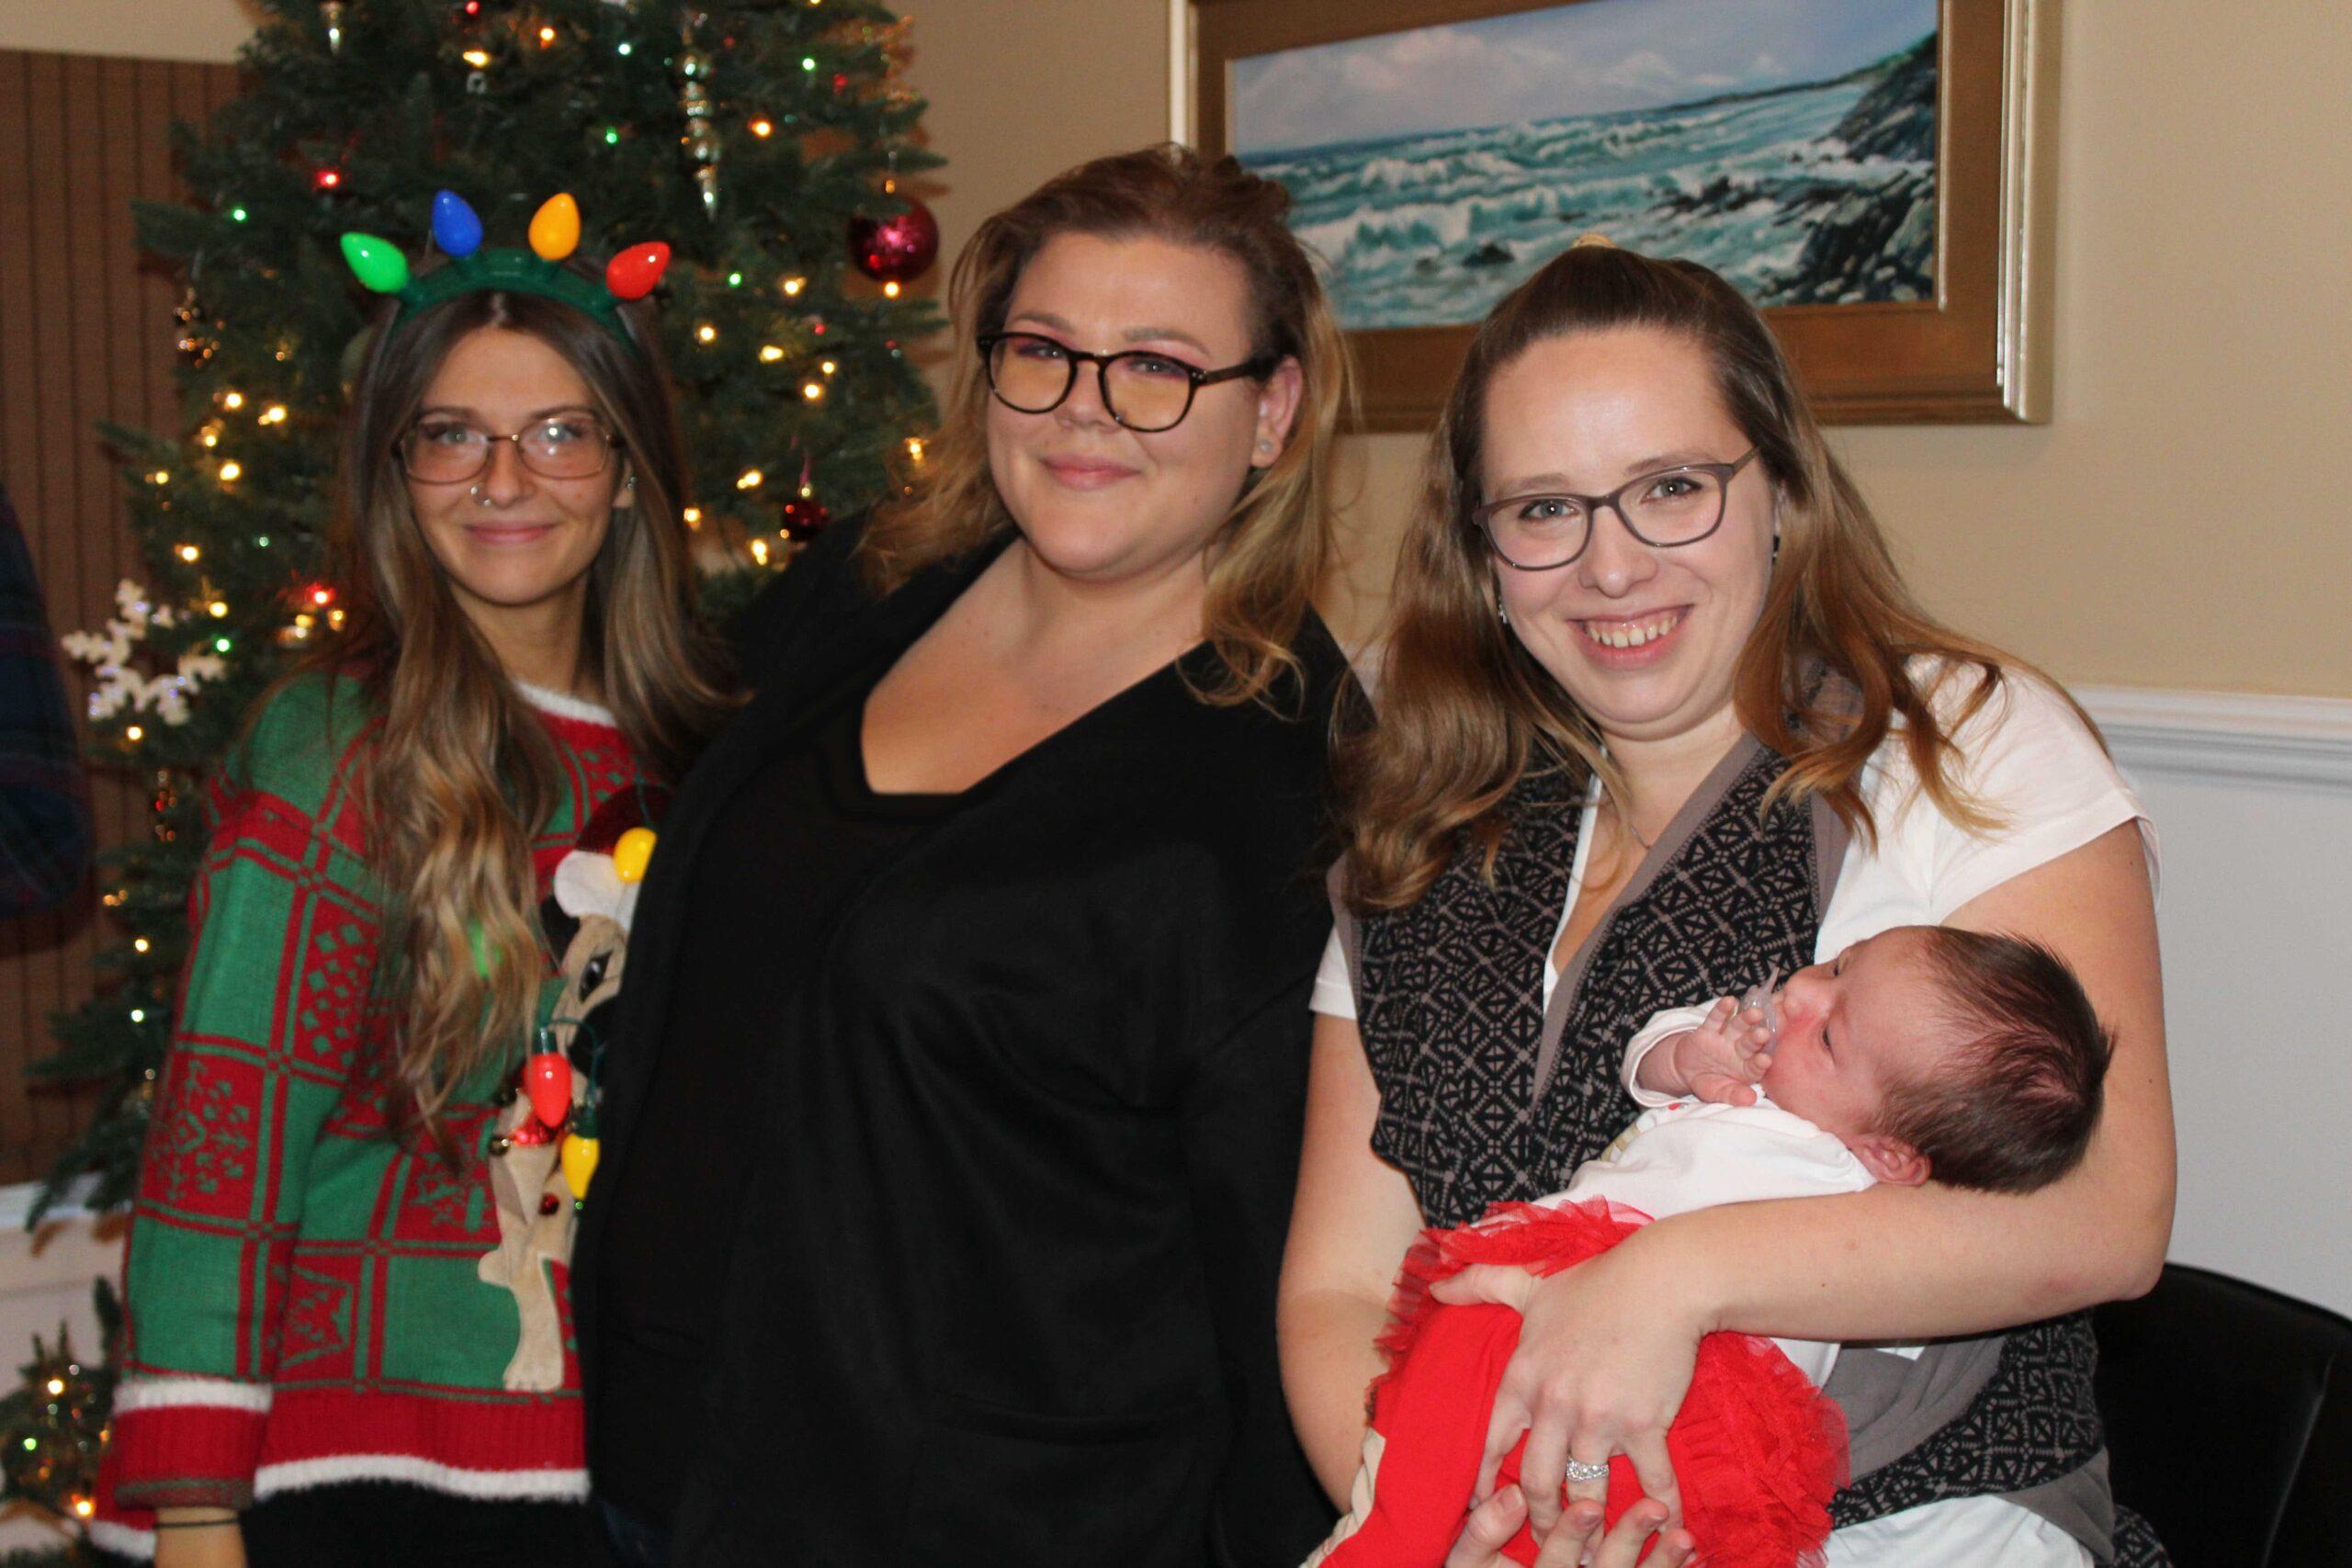 Cecilia, Chelsea and Jessica